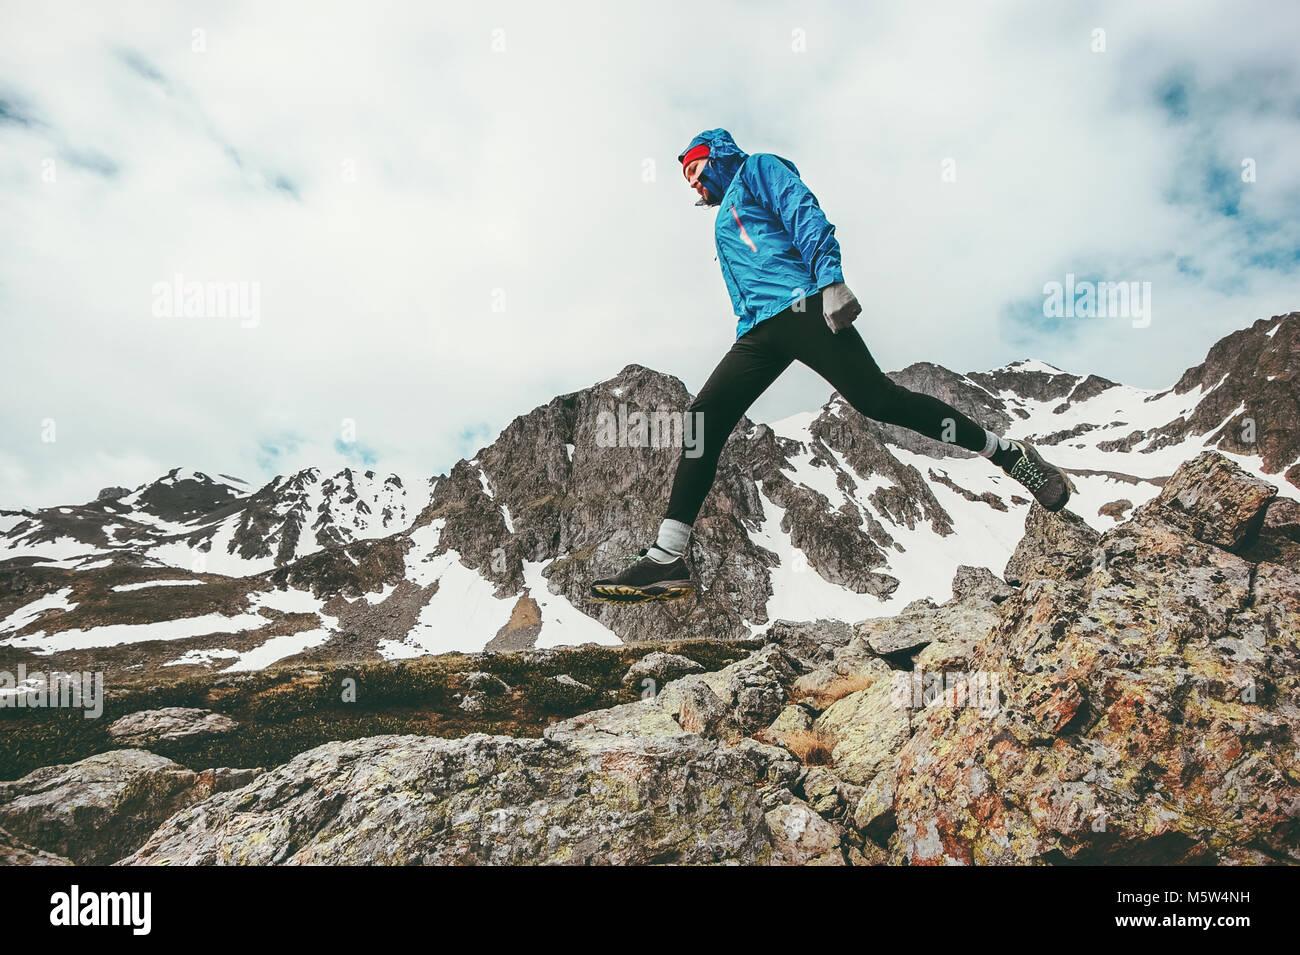 Aktive Mann laufen in die Berge reisen Abenteuer gesunder Lebensstil Konzept Ferien athletische Person skyrunning Stockfoto